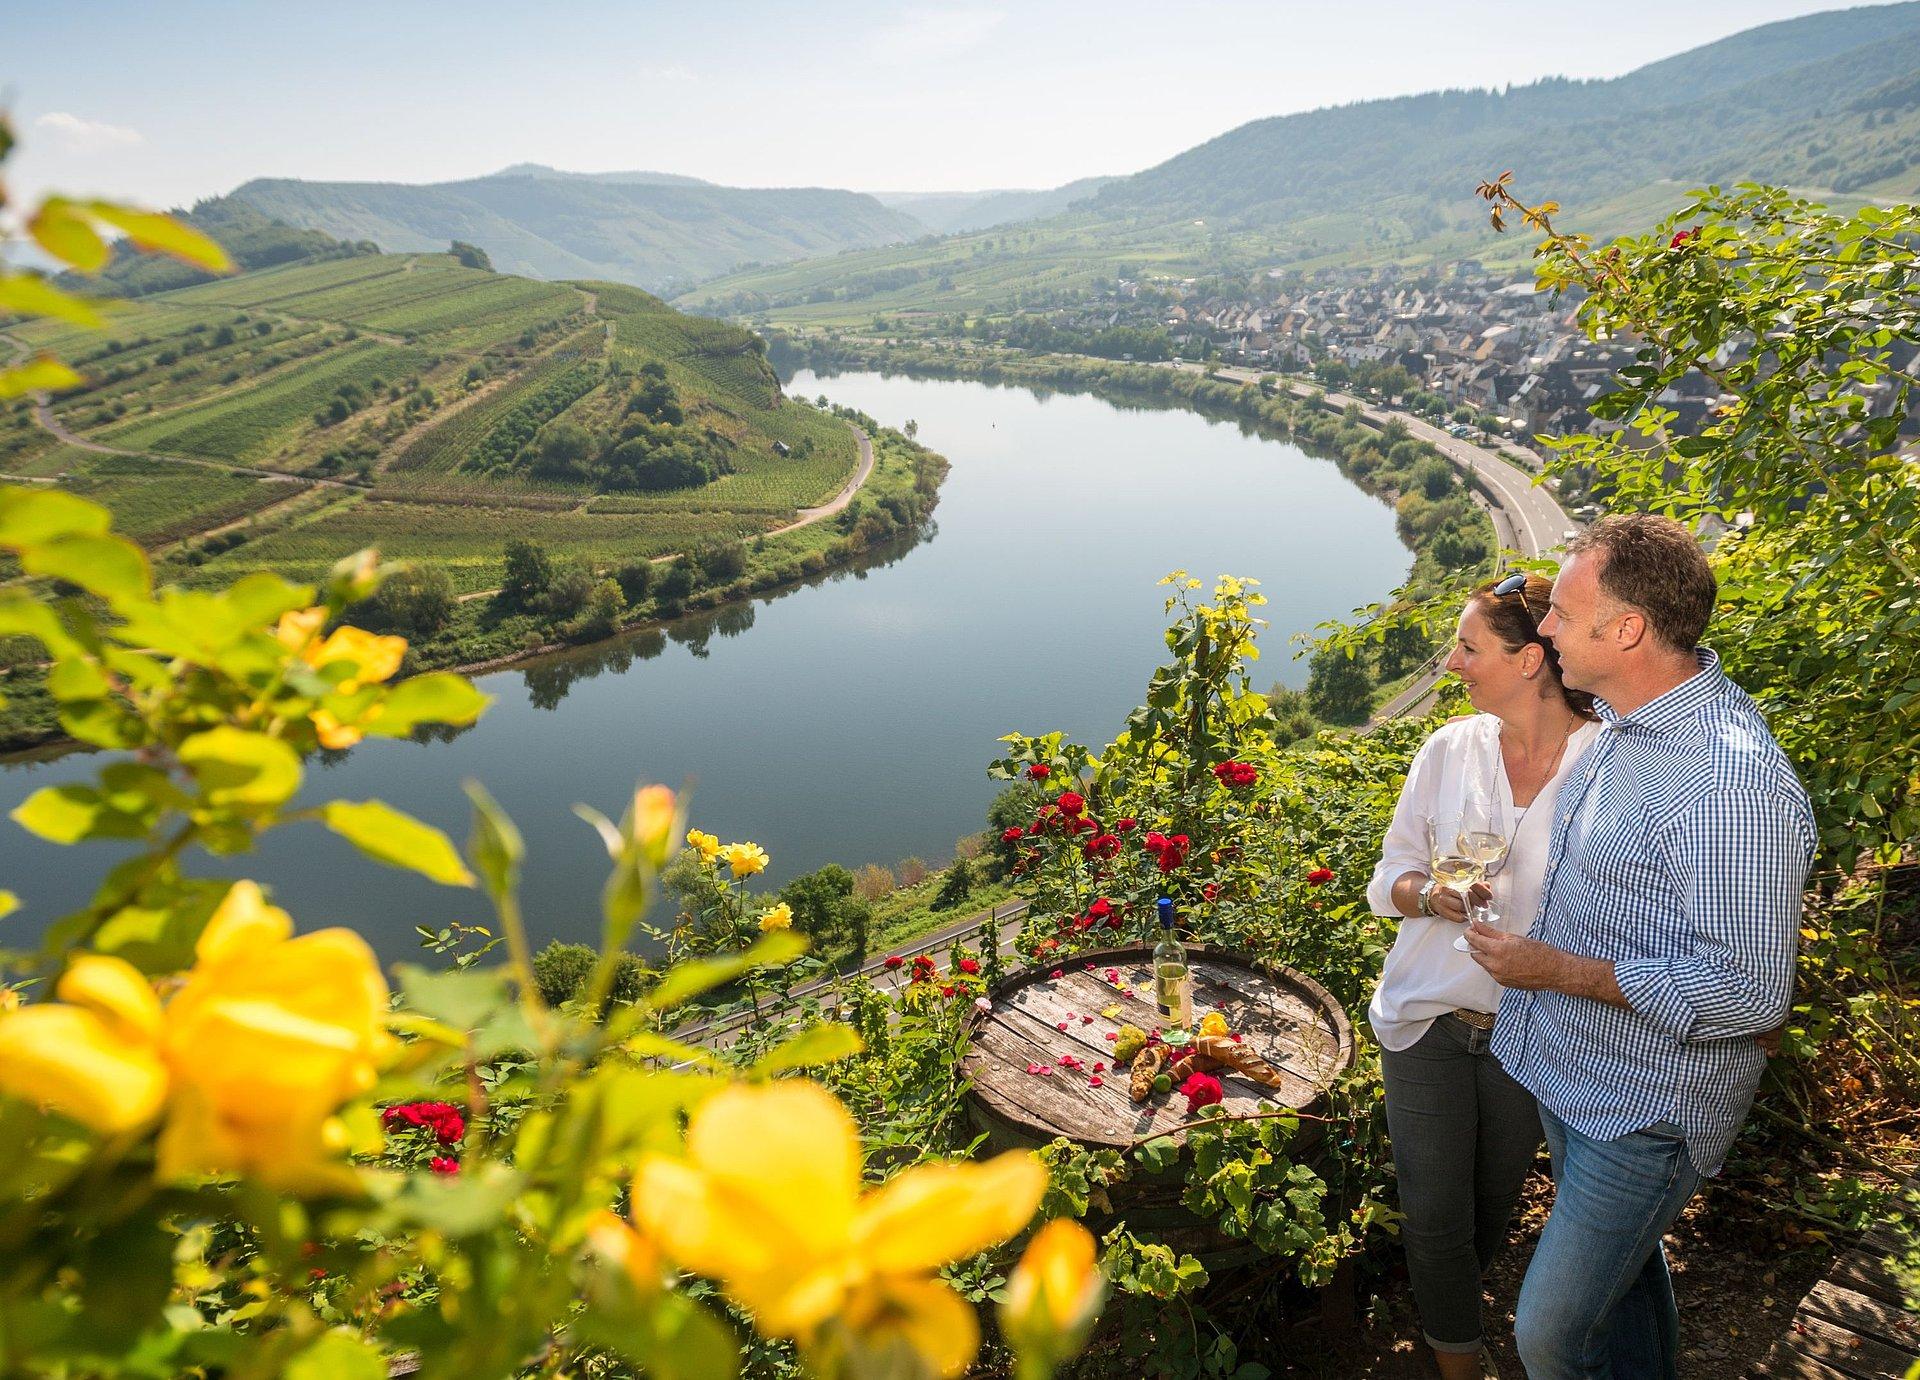 Geniet van wijn bij de Calmontheuvel in Bremm, Moezel-regio